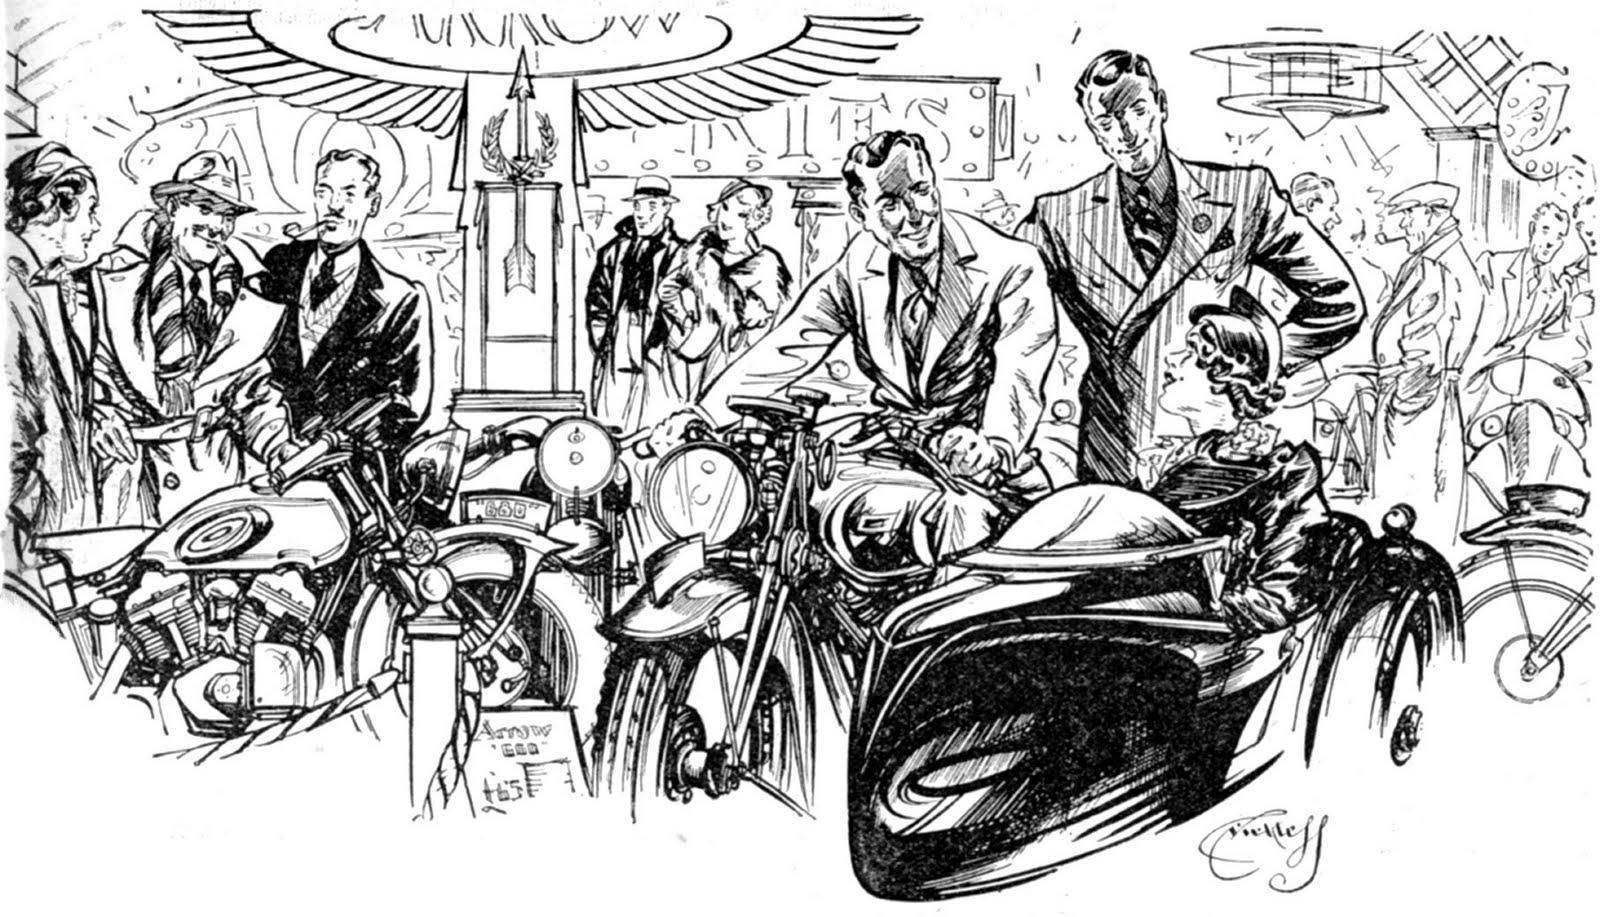 The Velobanjogent April 2010 Cartoon Dirt Bike Engine Diagram